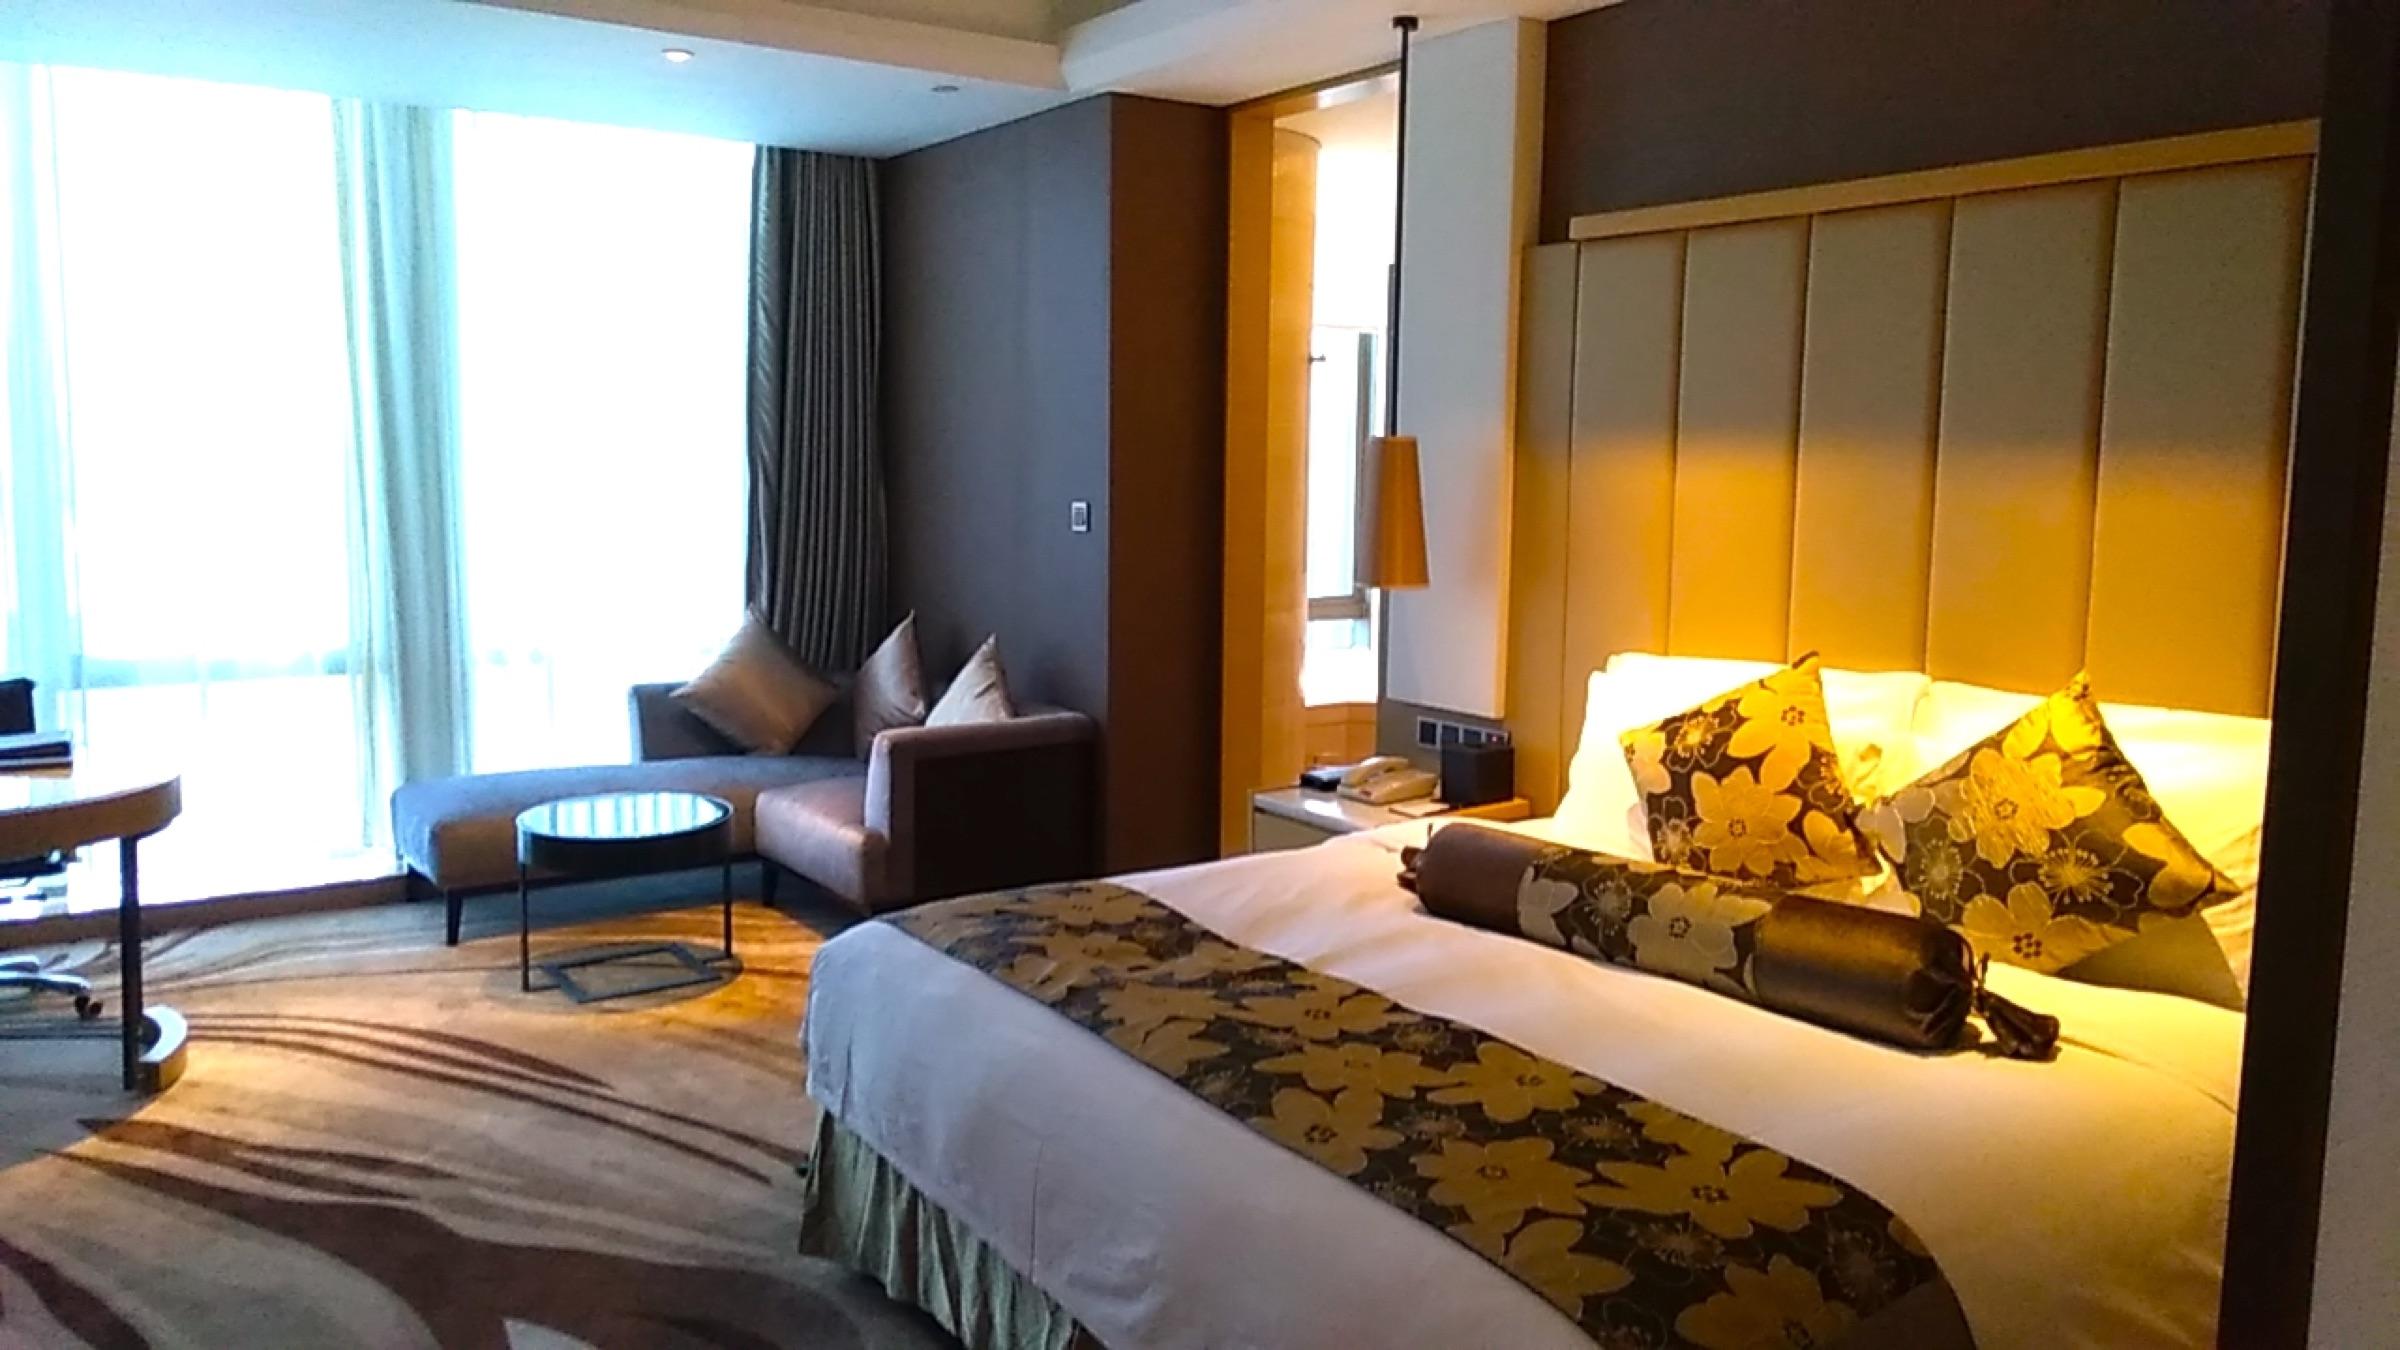 中国 深セン 福田 ウィンダム・グランド・ホテルの室内 ベッド1 Shenzhen Futian Wyndham Grand Hotel_[0]